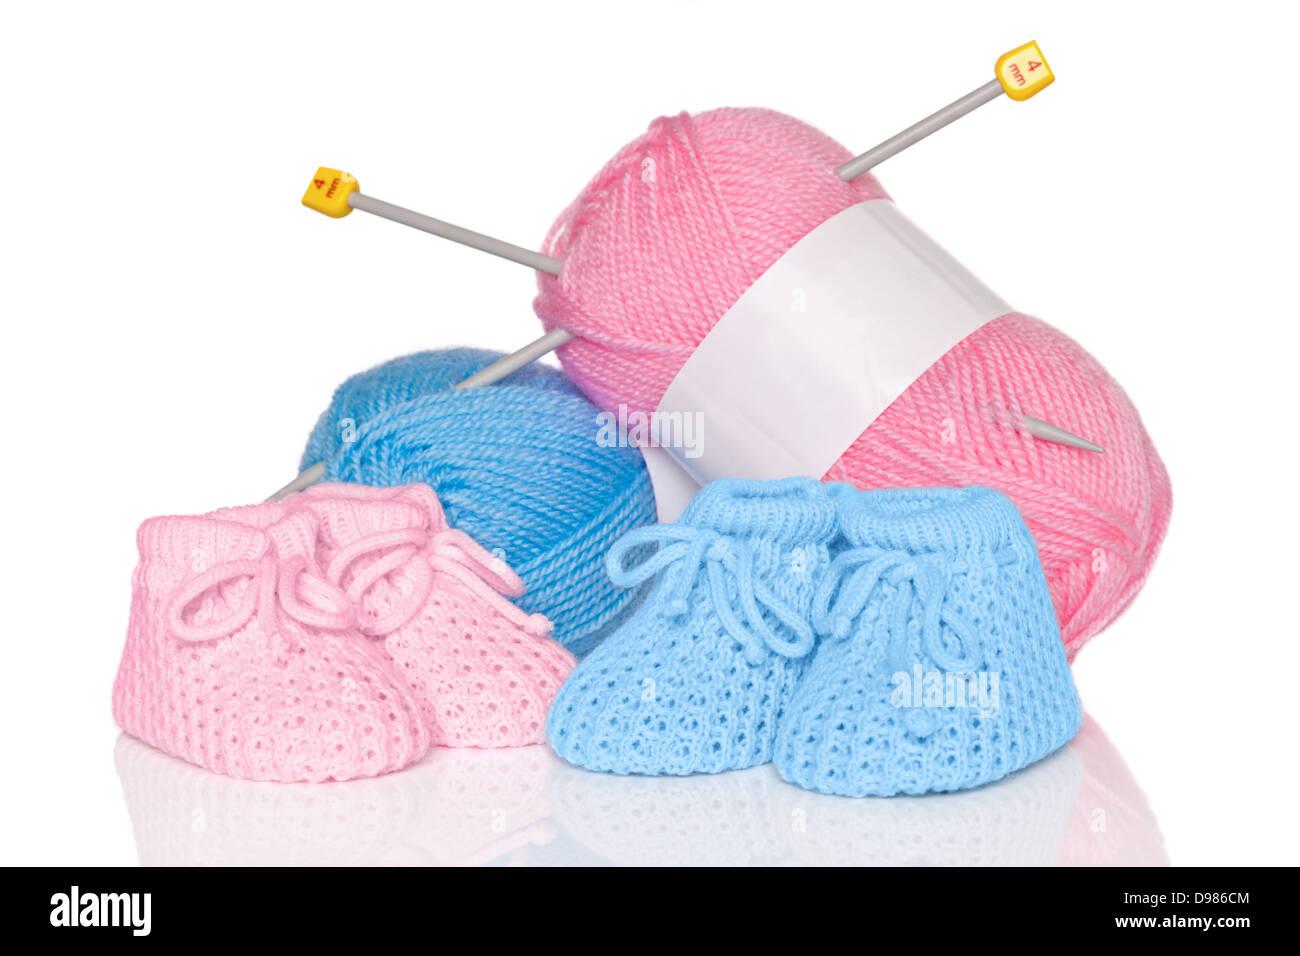 pink wool plus knitting needles